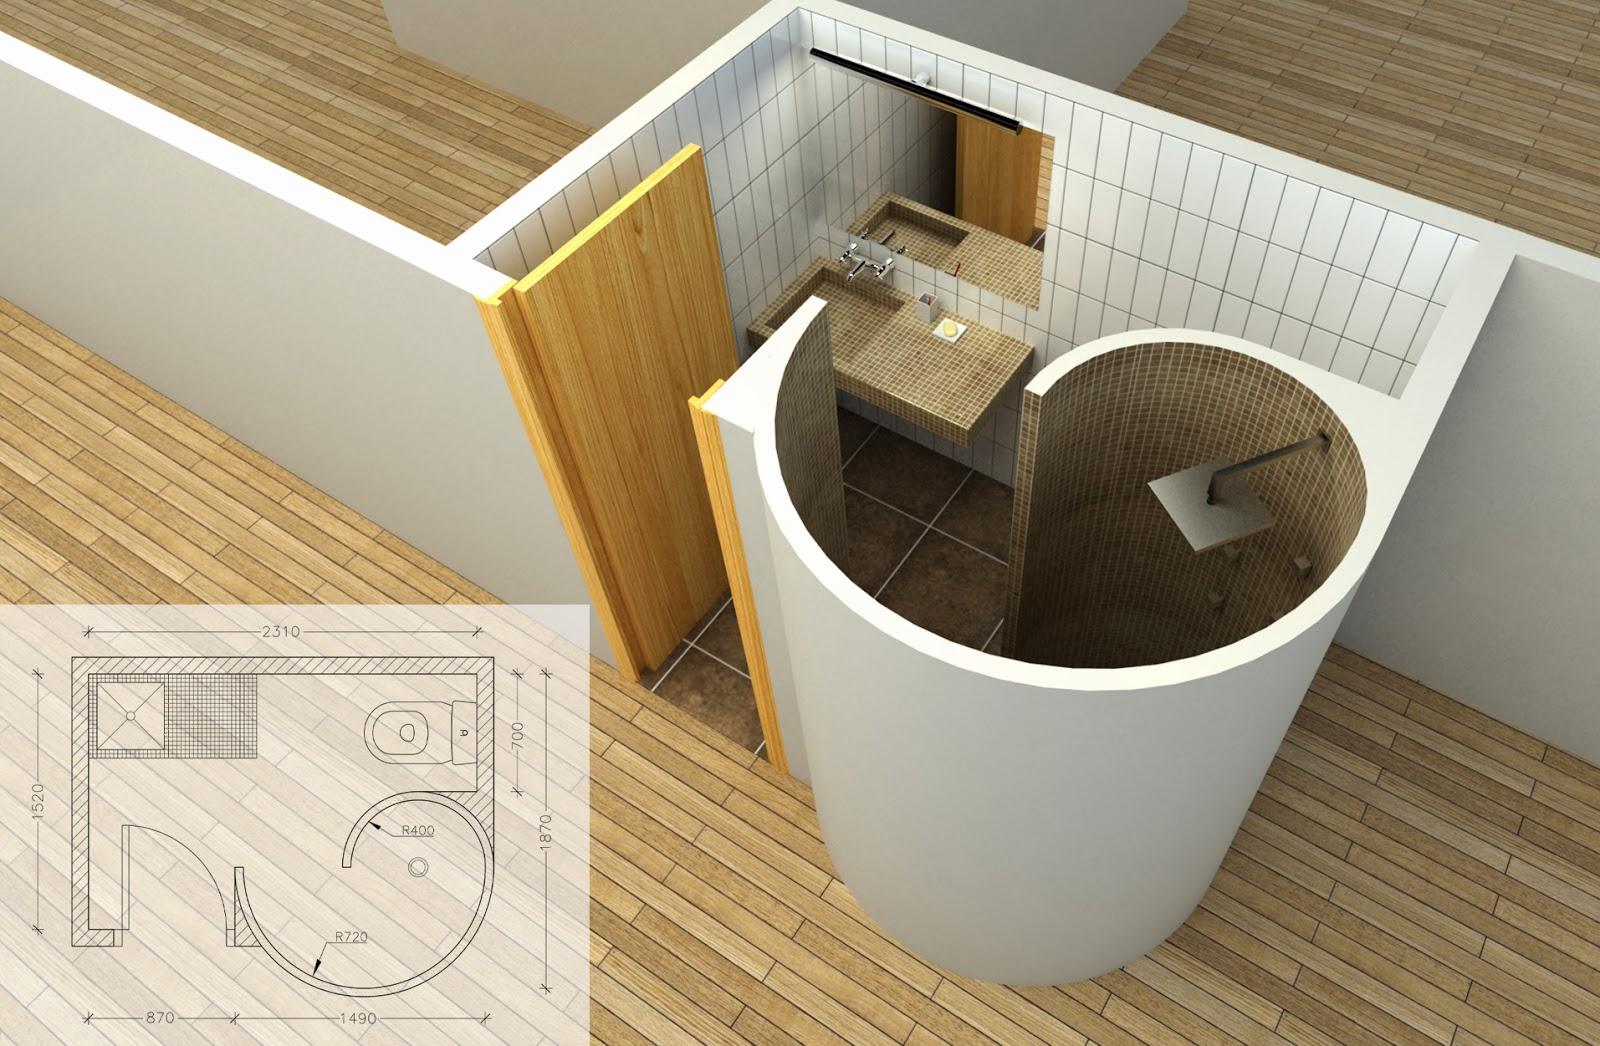 Requisitos Baño Minusvalidos:Si queremos un diseño integrado en el baño